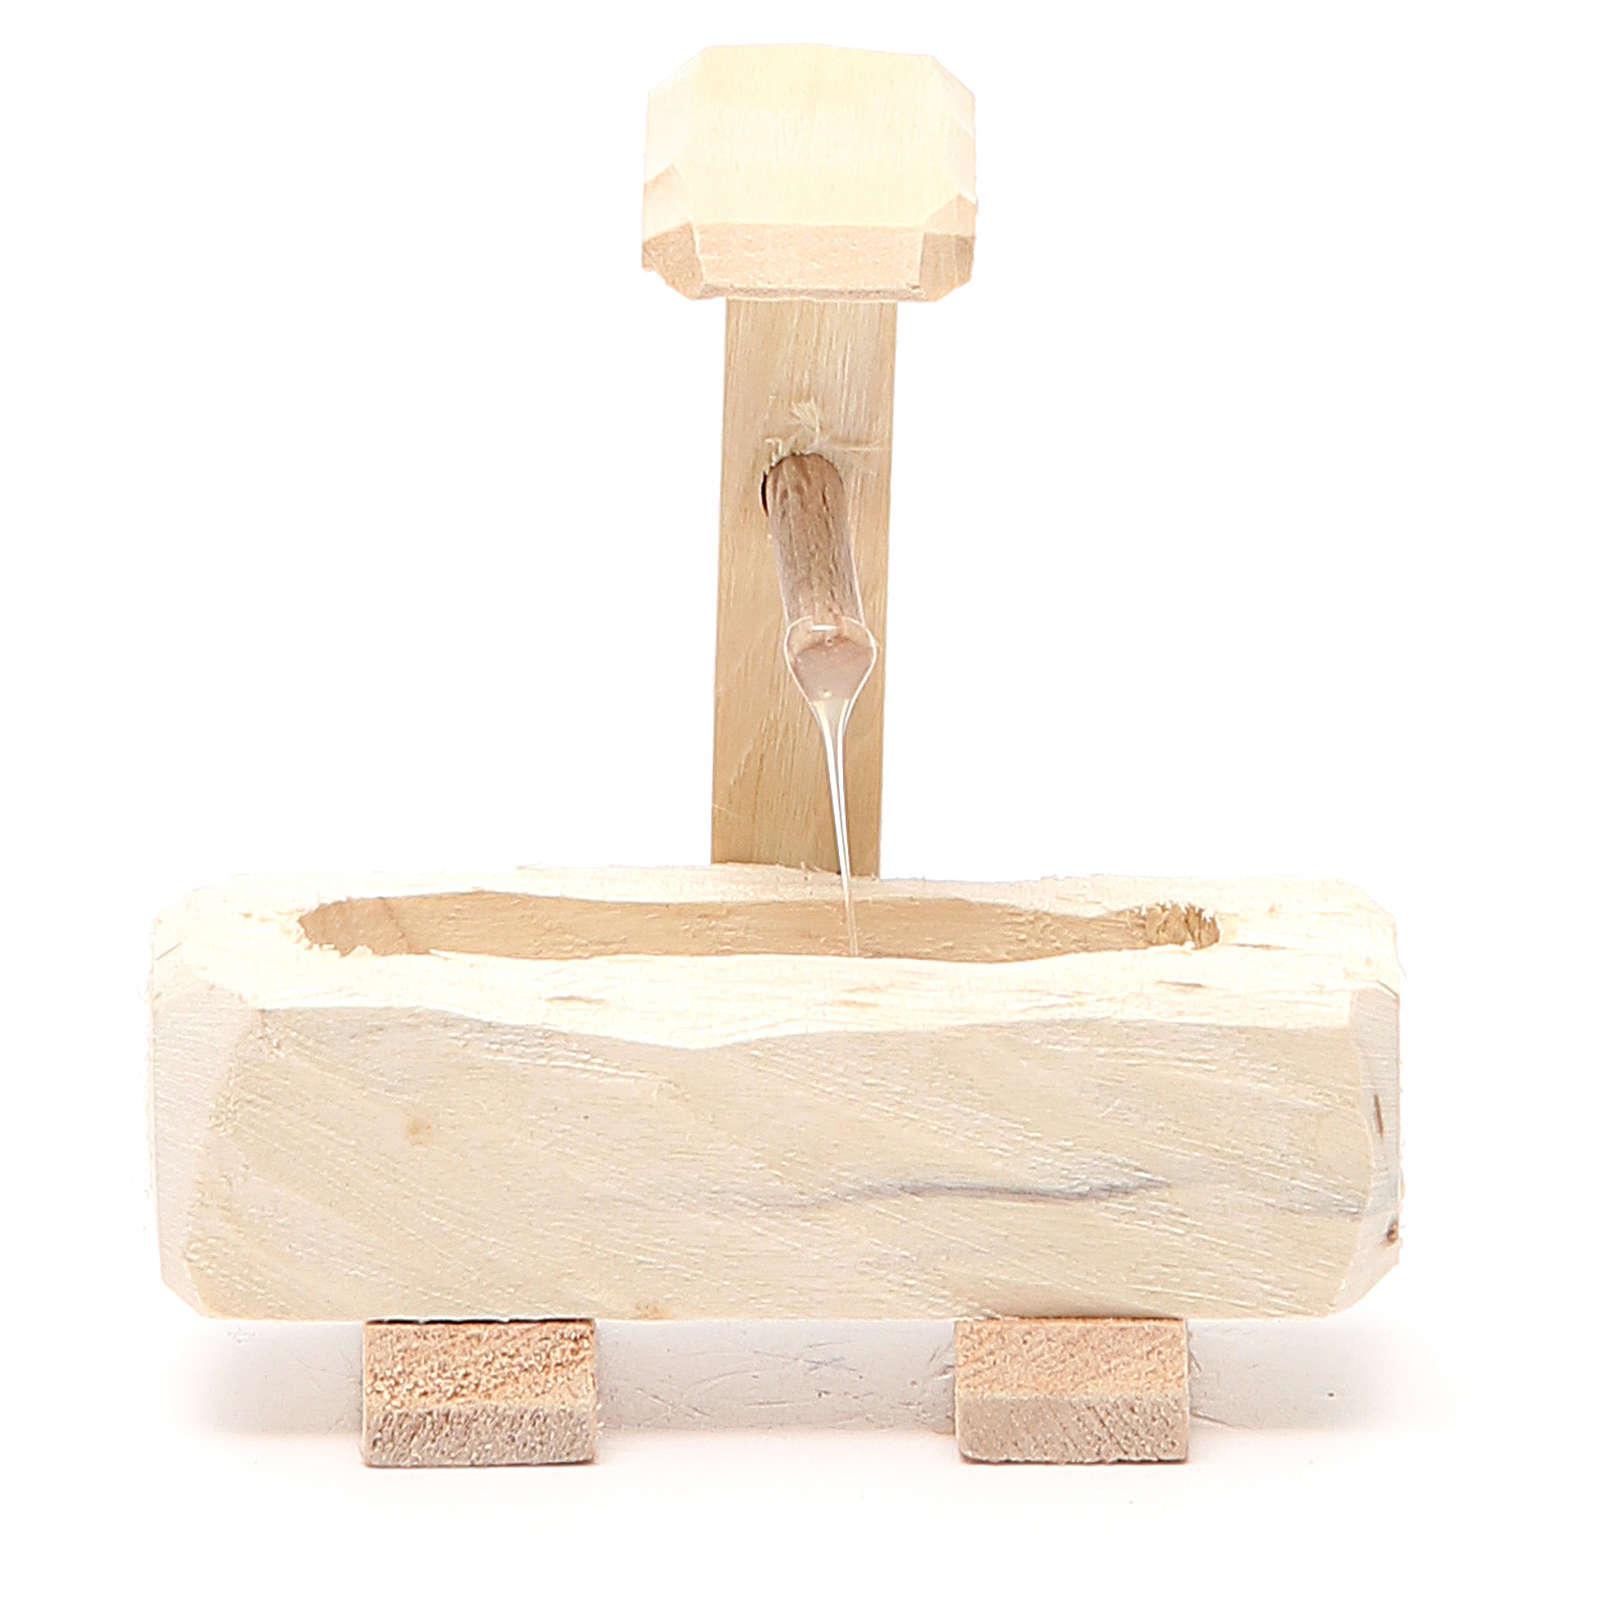 Brunnen Holz.Brunnen Für Krippe Aus Holz 8x8x5cm